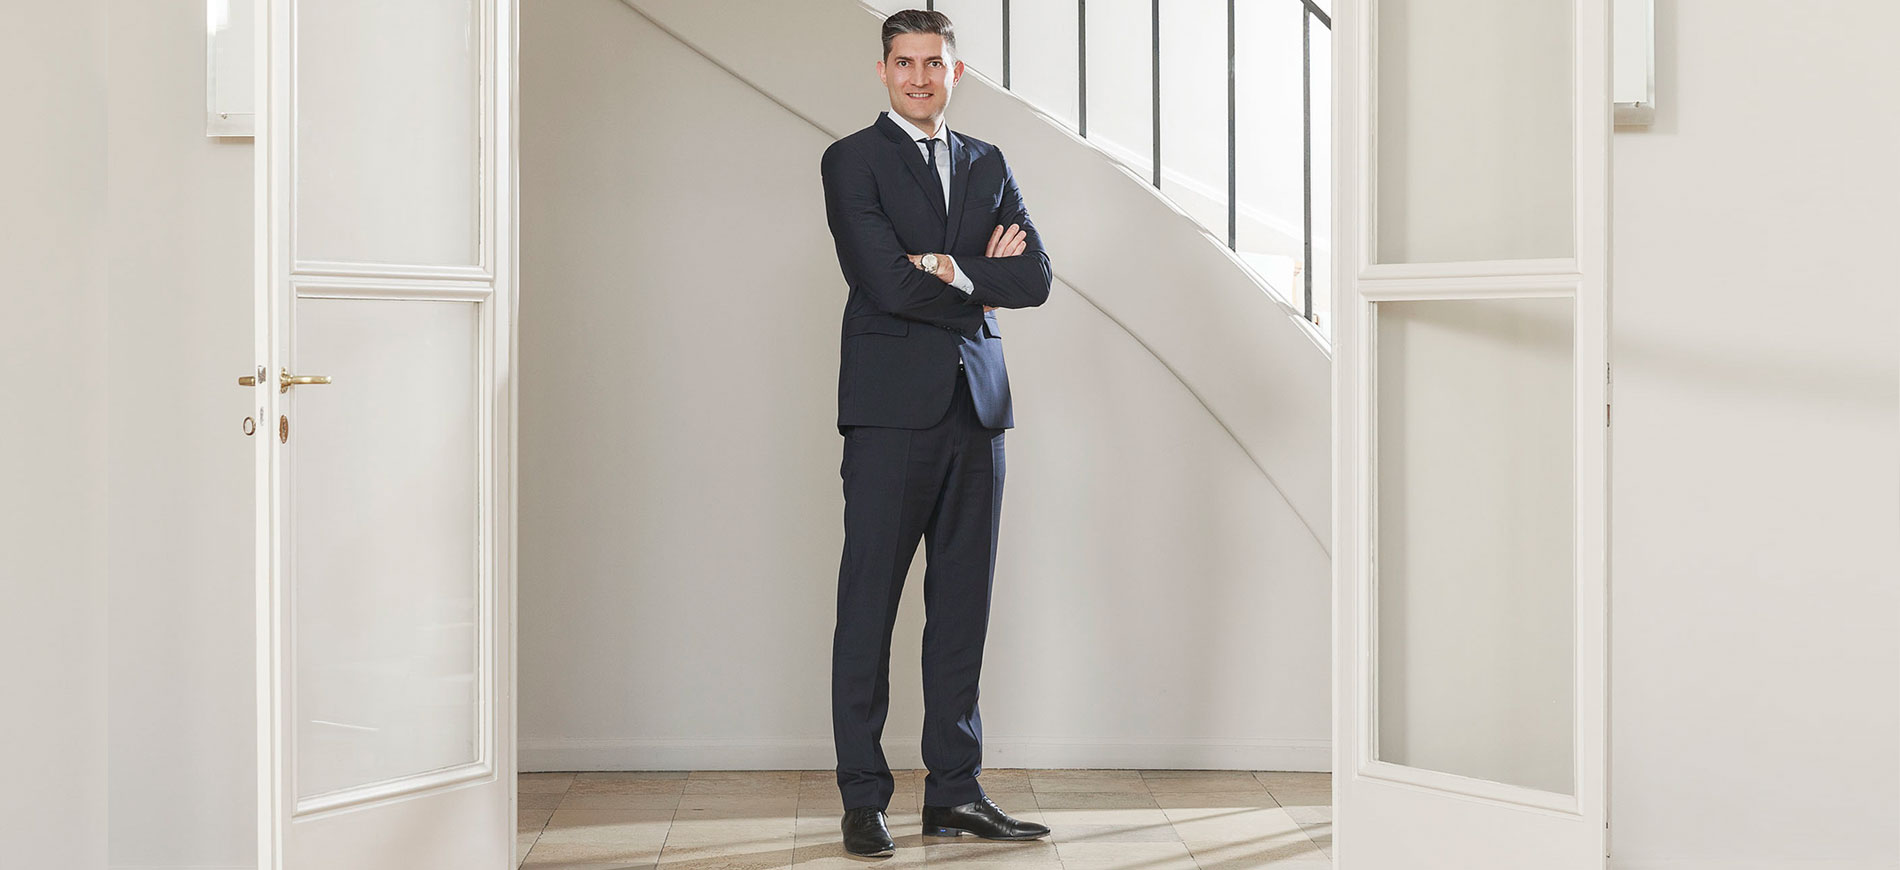 Flavio Pellegrini, Presidente del Consiglio di Amministrazione di EBEL orologi